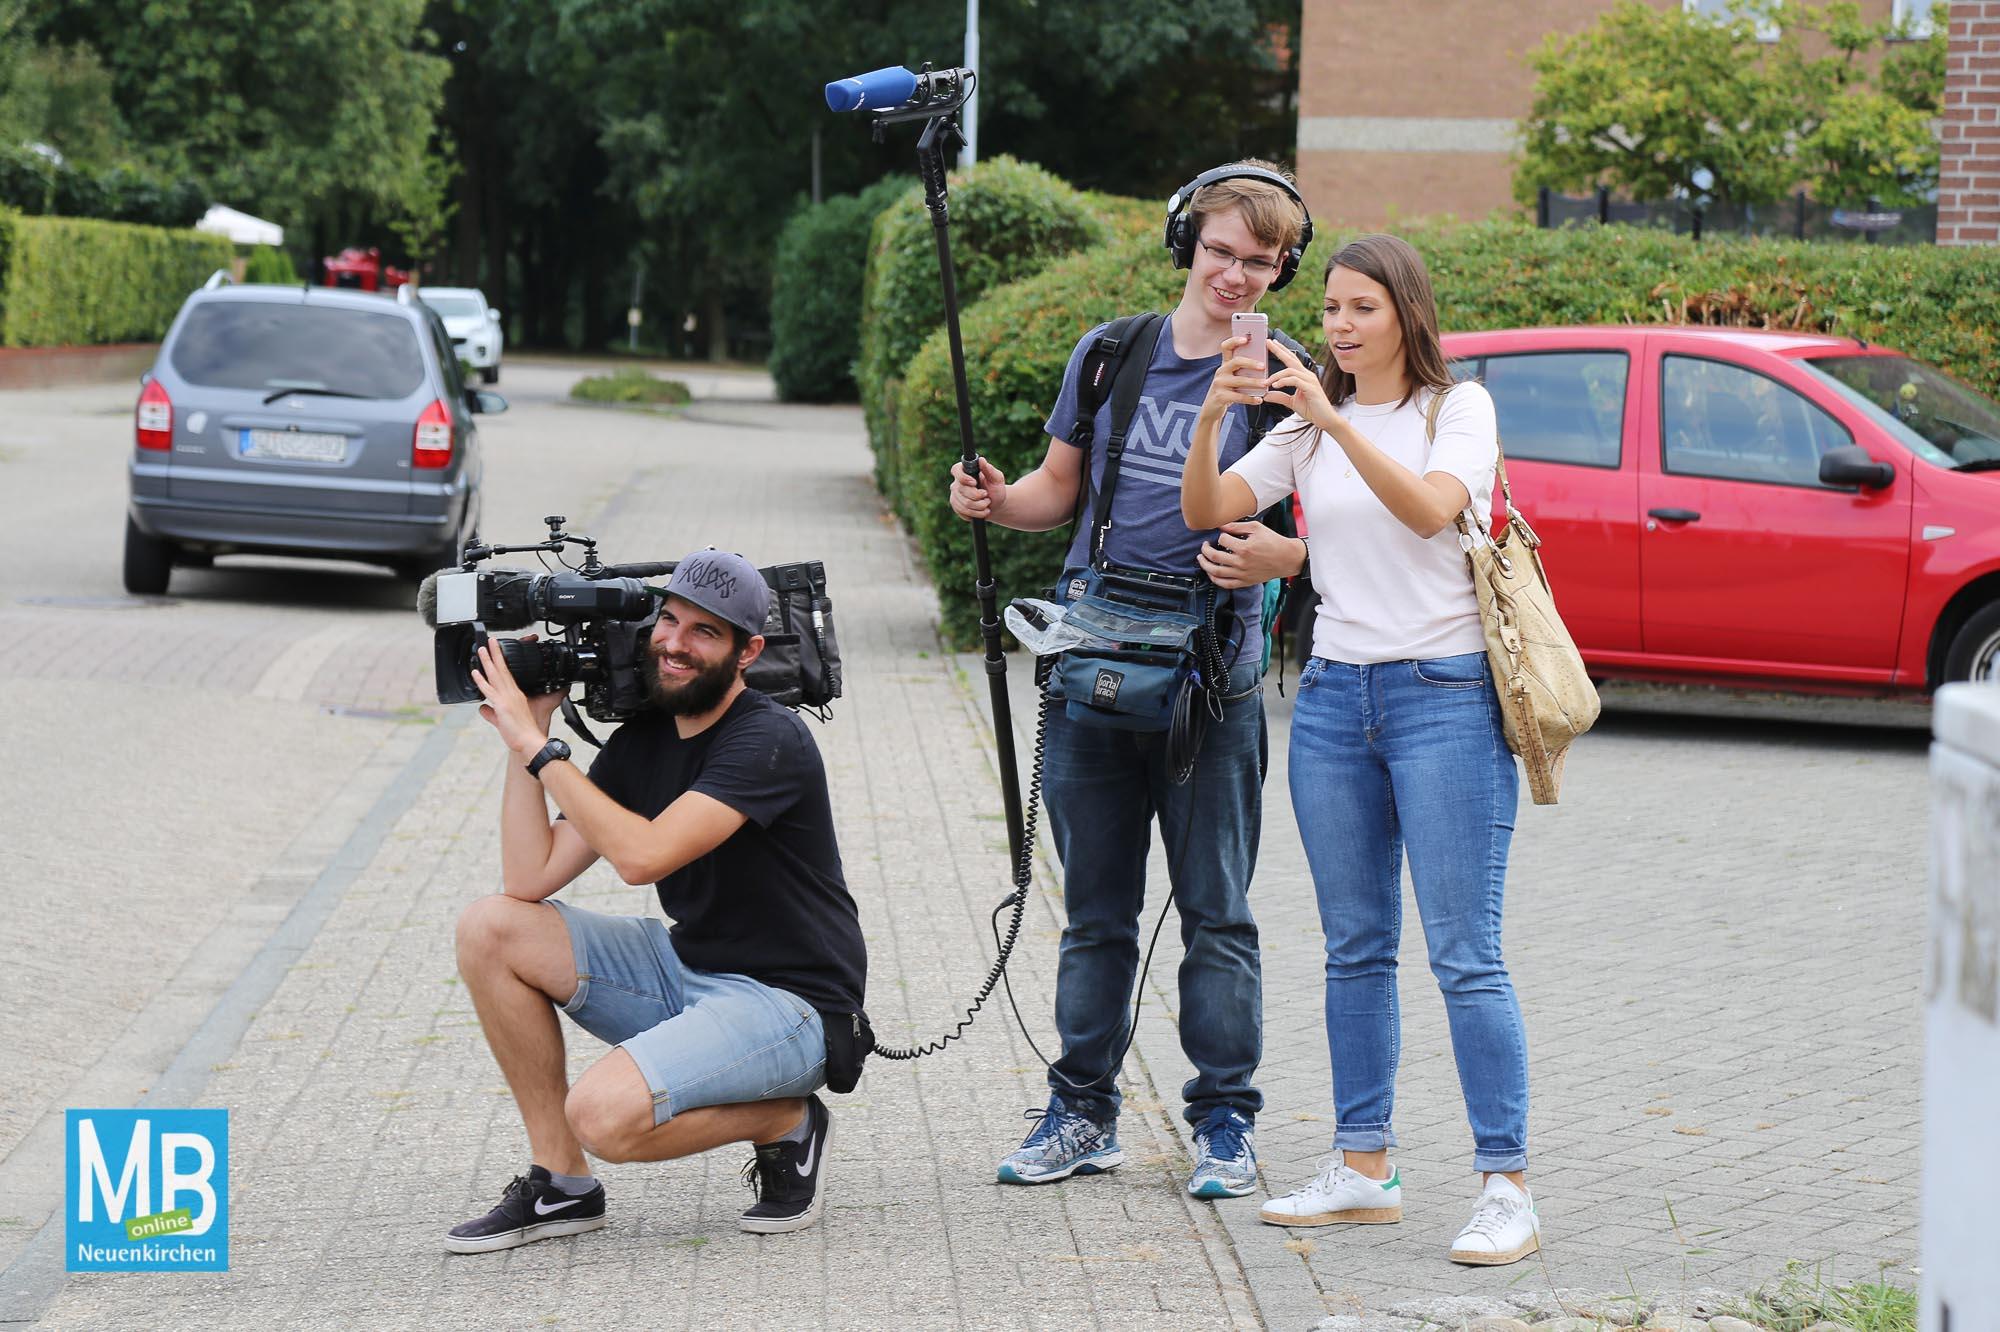 Ein WDR-Fernsehteam begleitete einen Tag lang die Straßengemeinschaft Friedenstraße beim Kroamstuten-Wegbringen.